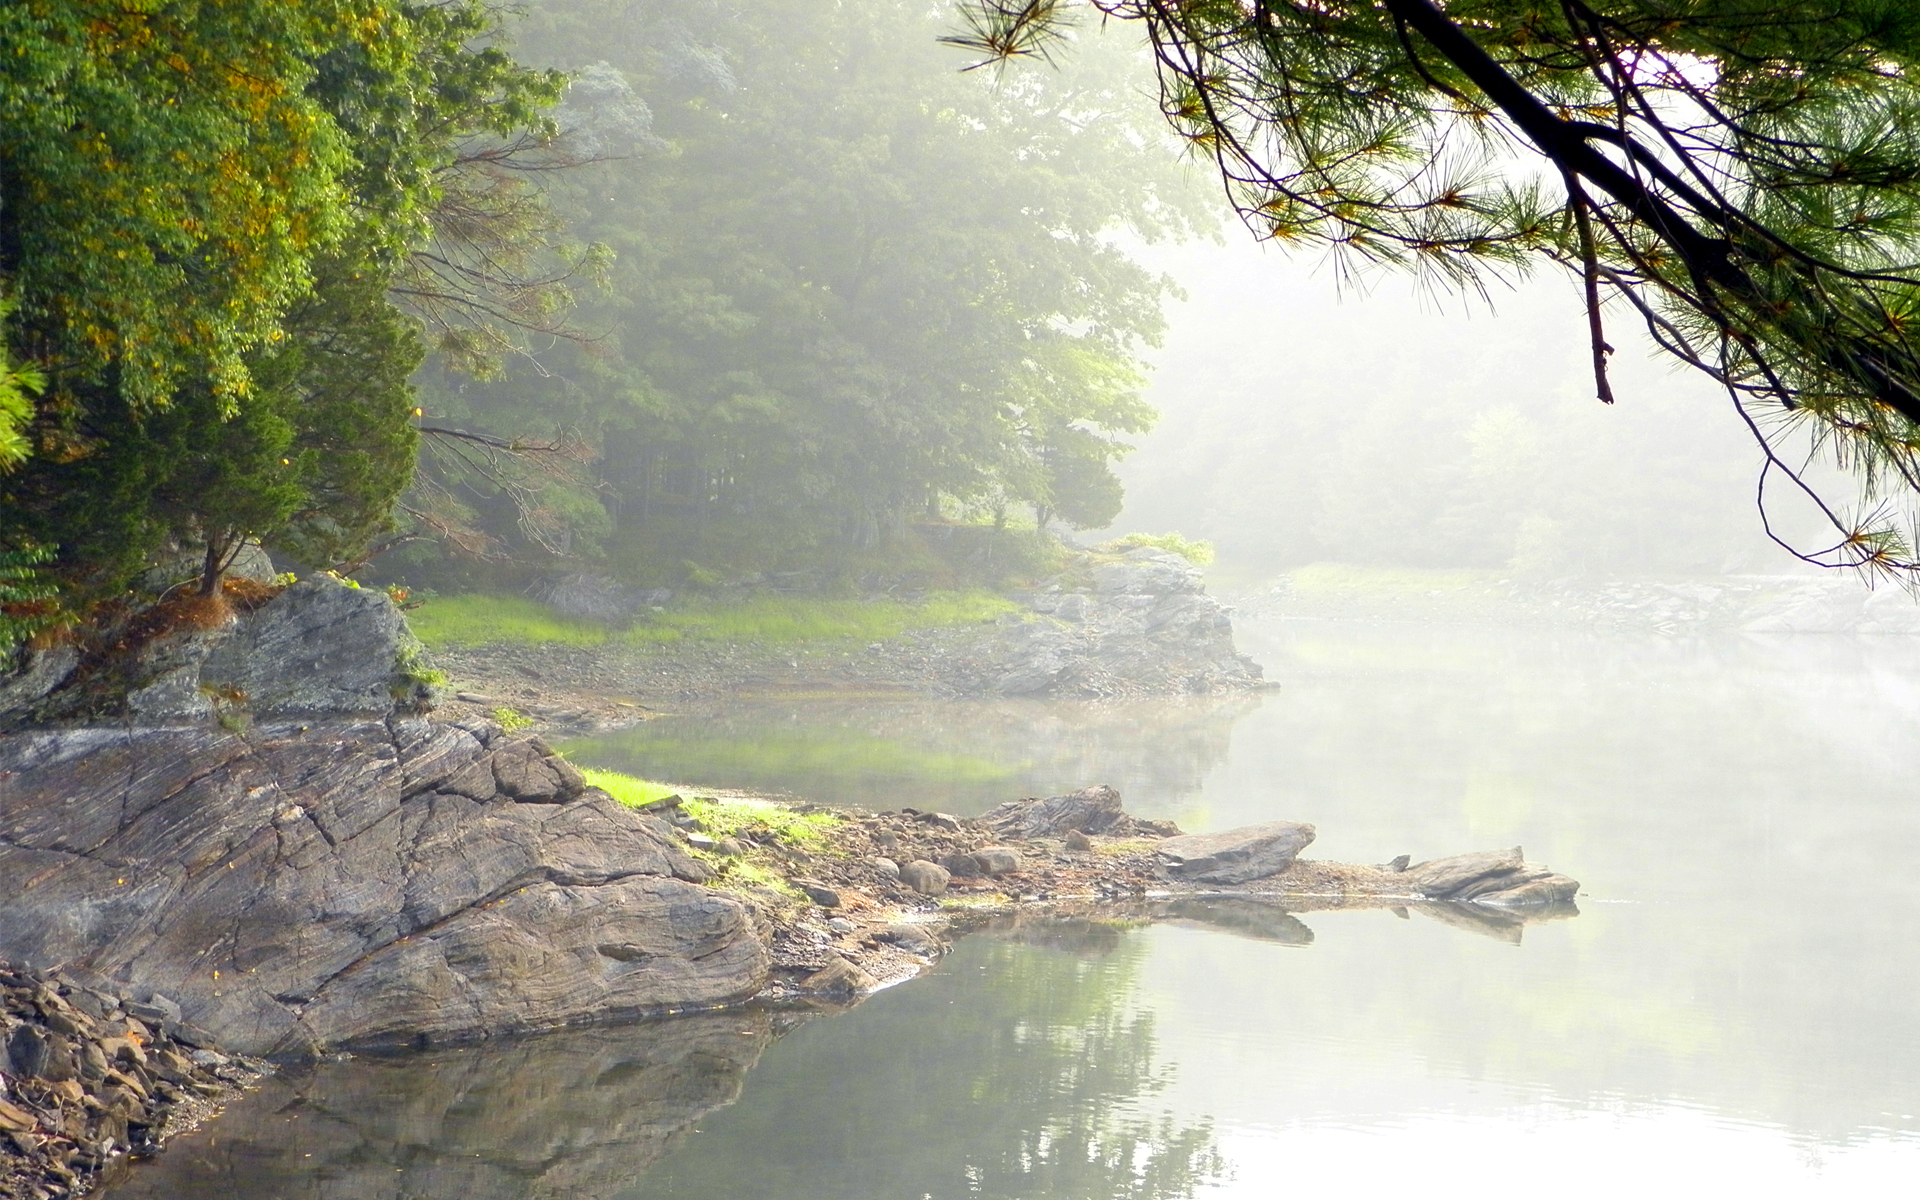 Wood rocks lake mist fog mood trees shore reflection wallpaper